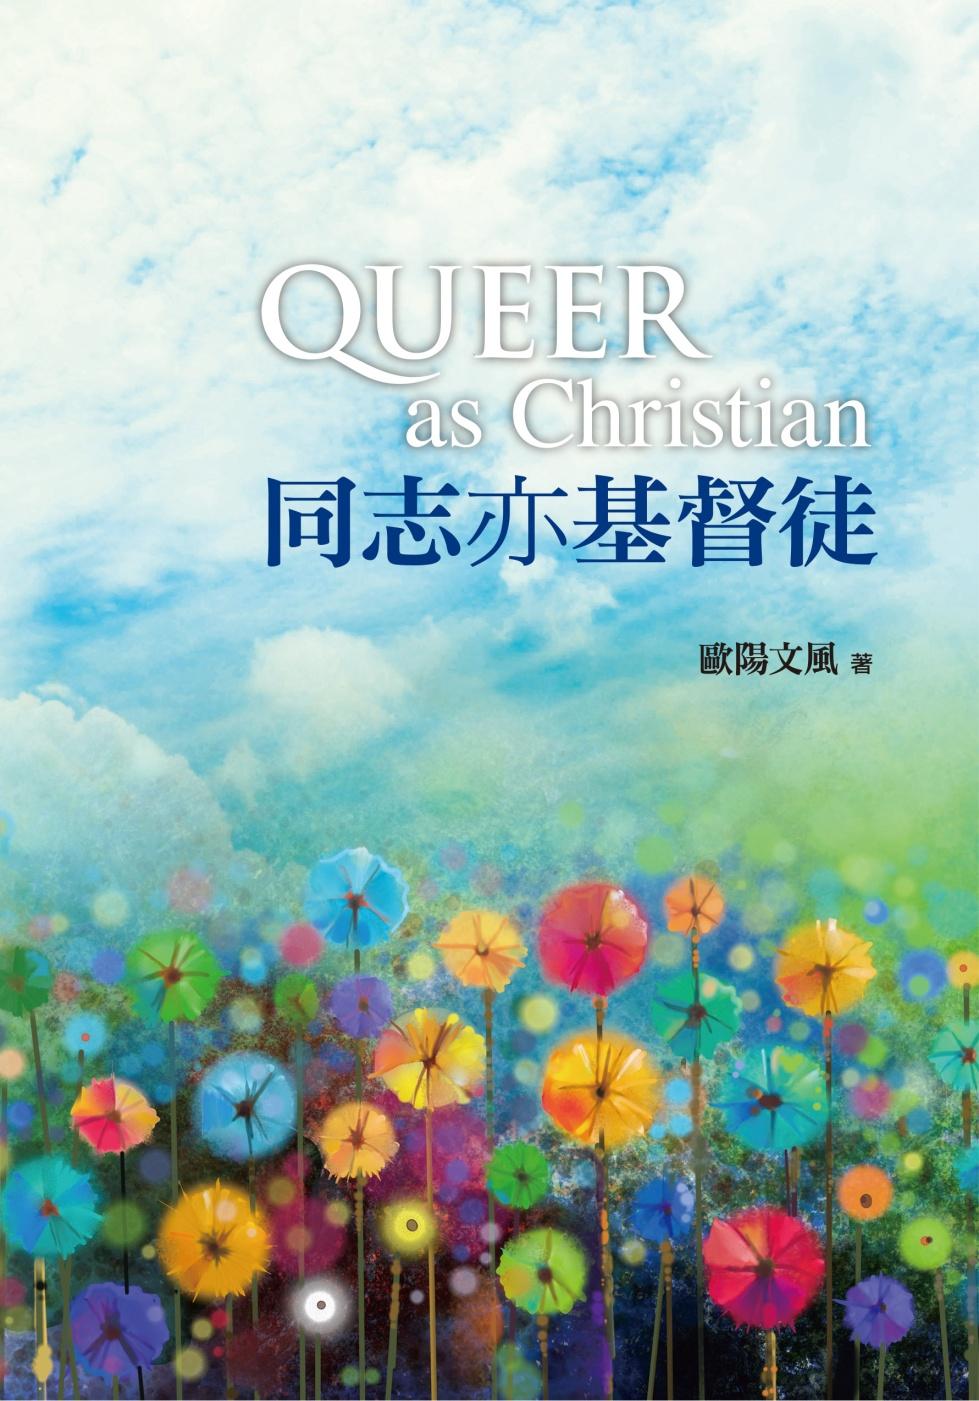 同志亦基督徒